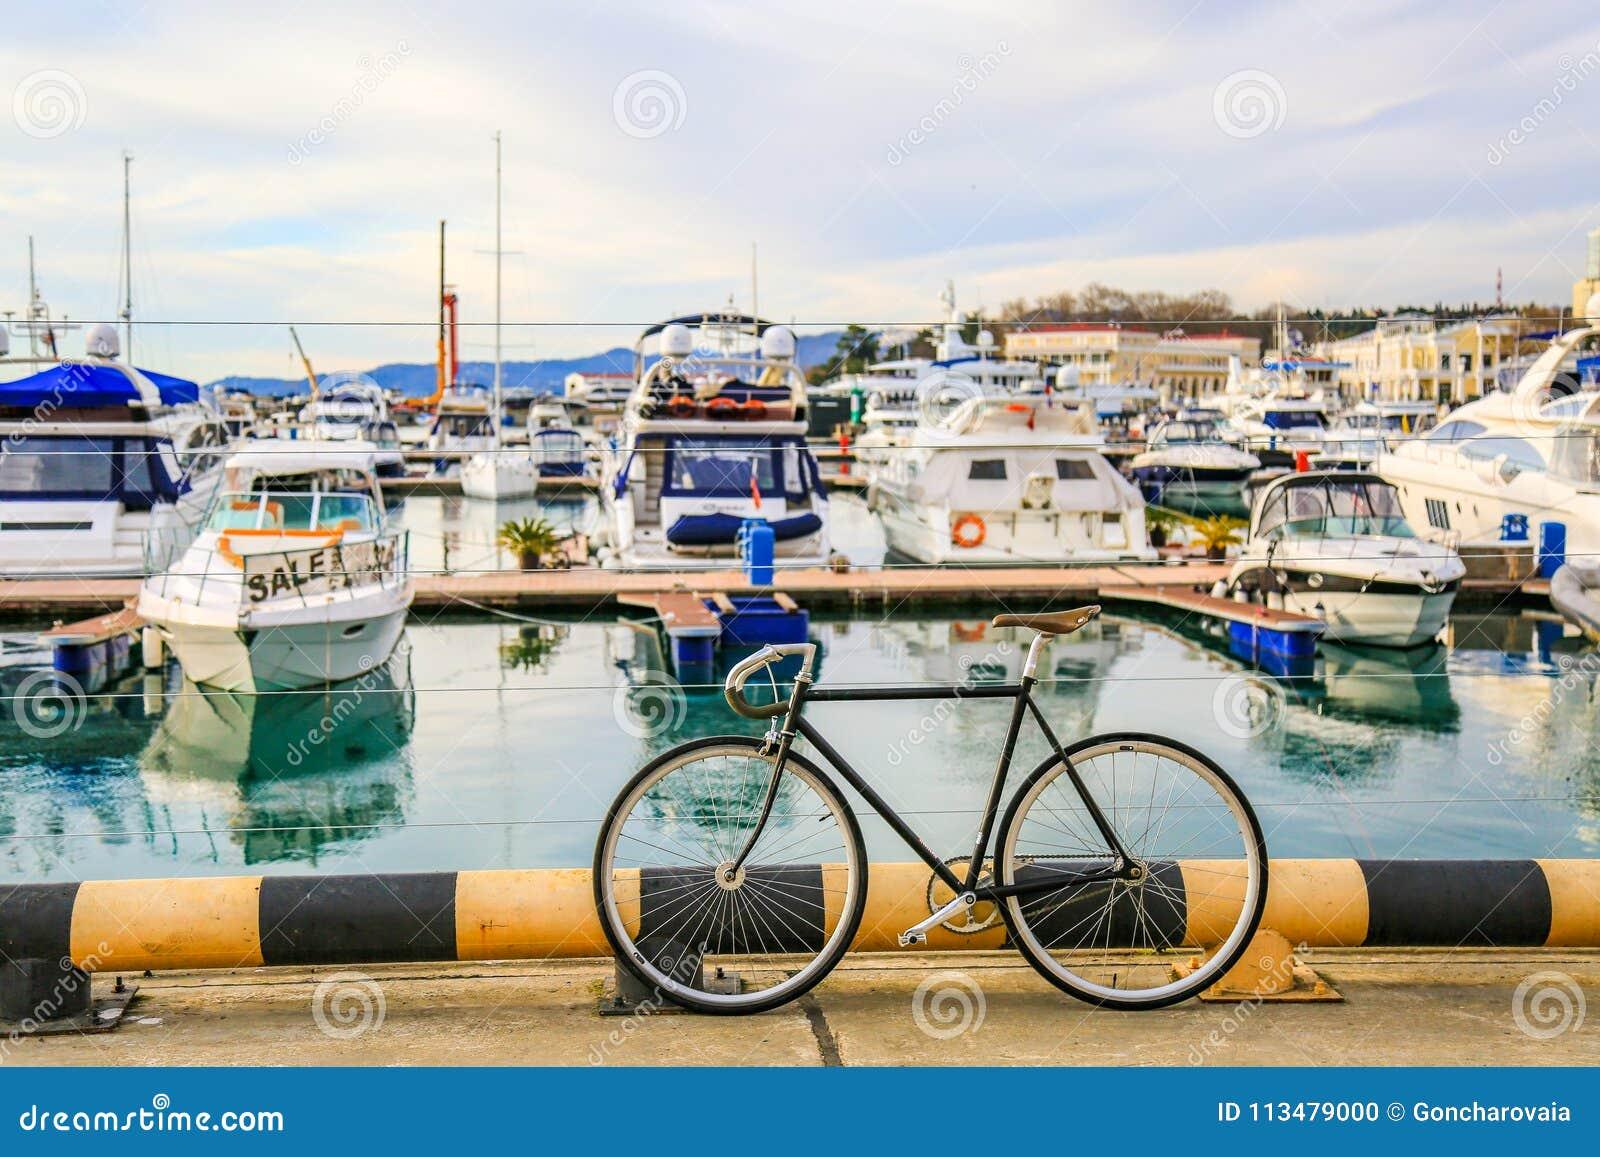 Bicicletas estacionadas no cais Os barcos de motor e os iate luxuosos entraram no porto marítimo Rua da cidade e água azul Férias